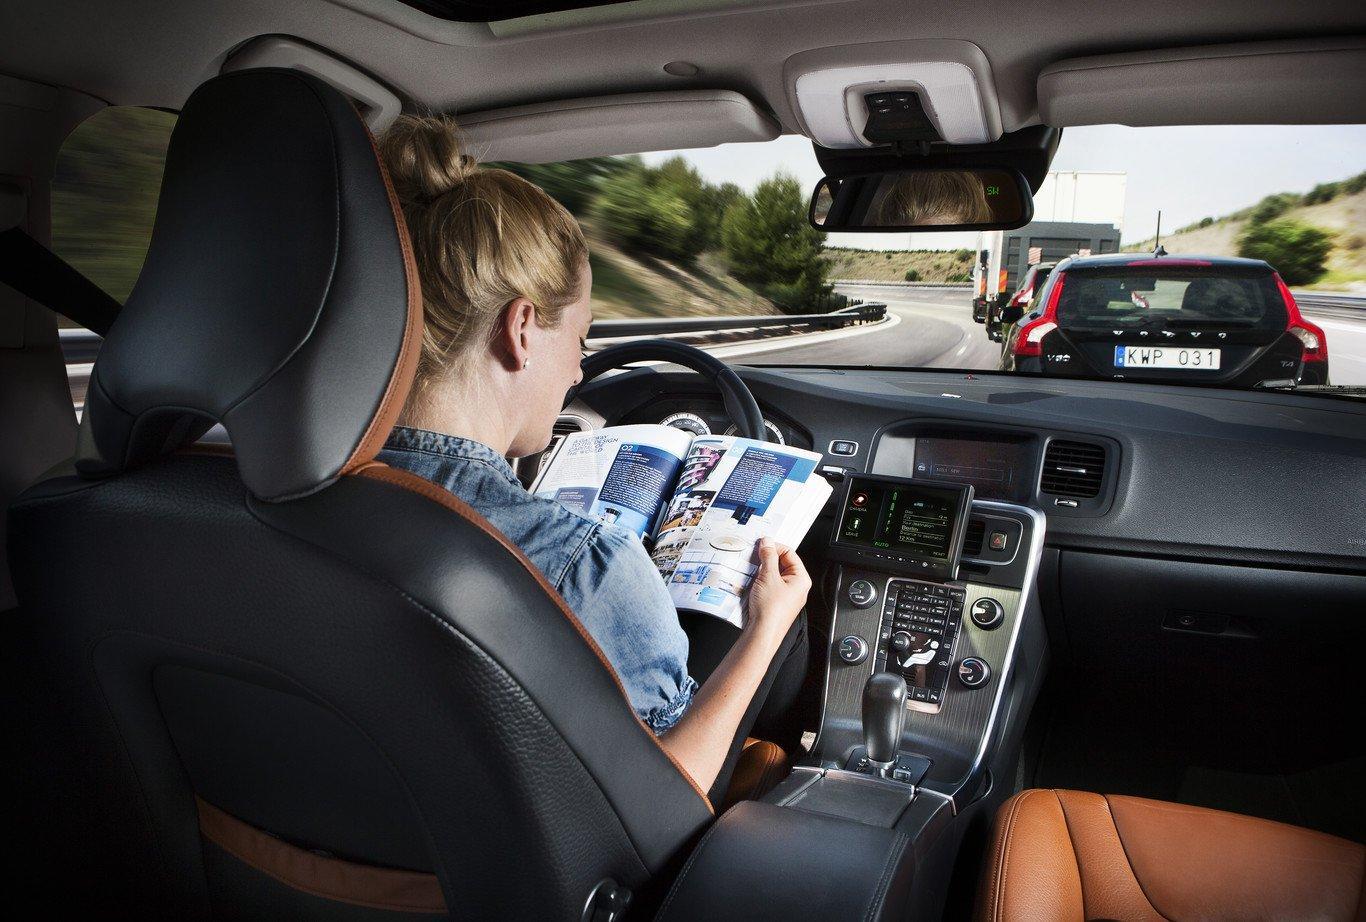 Il futuro delle automobili in 5 trend inarrestabili